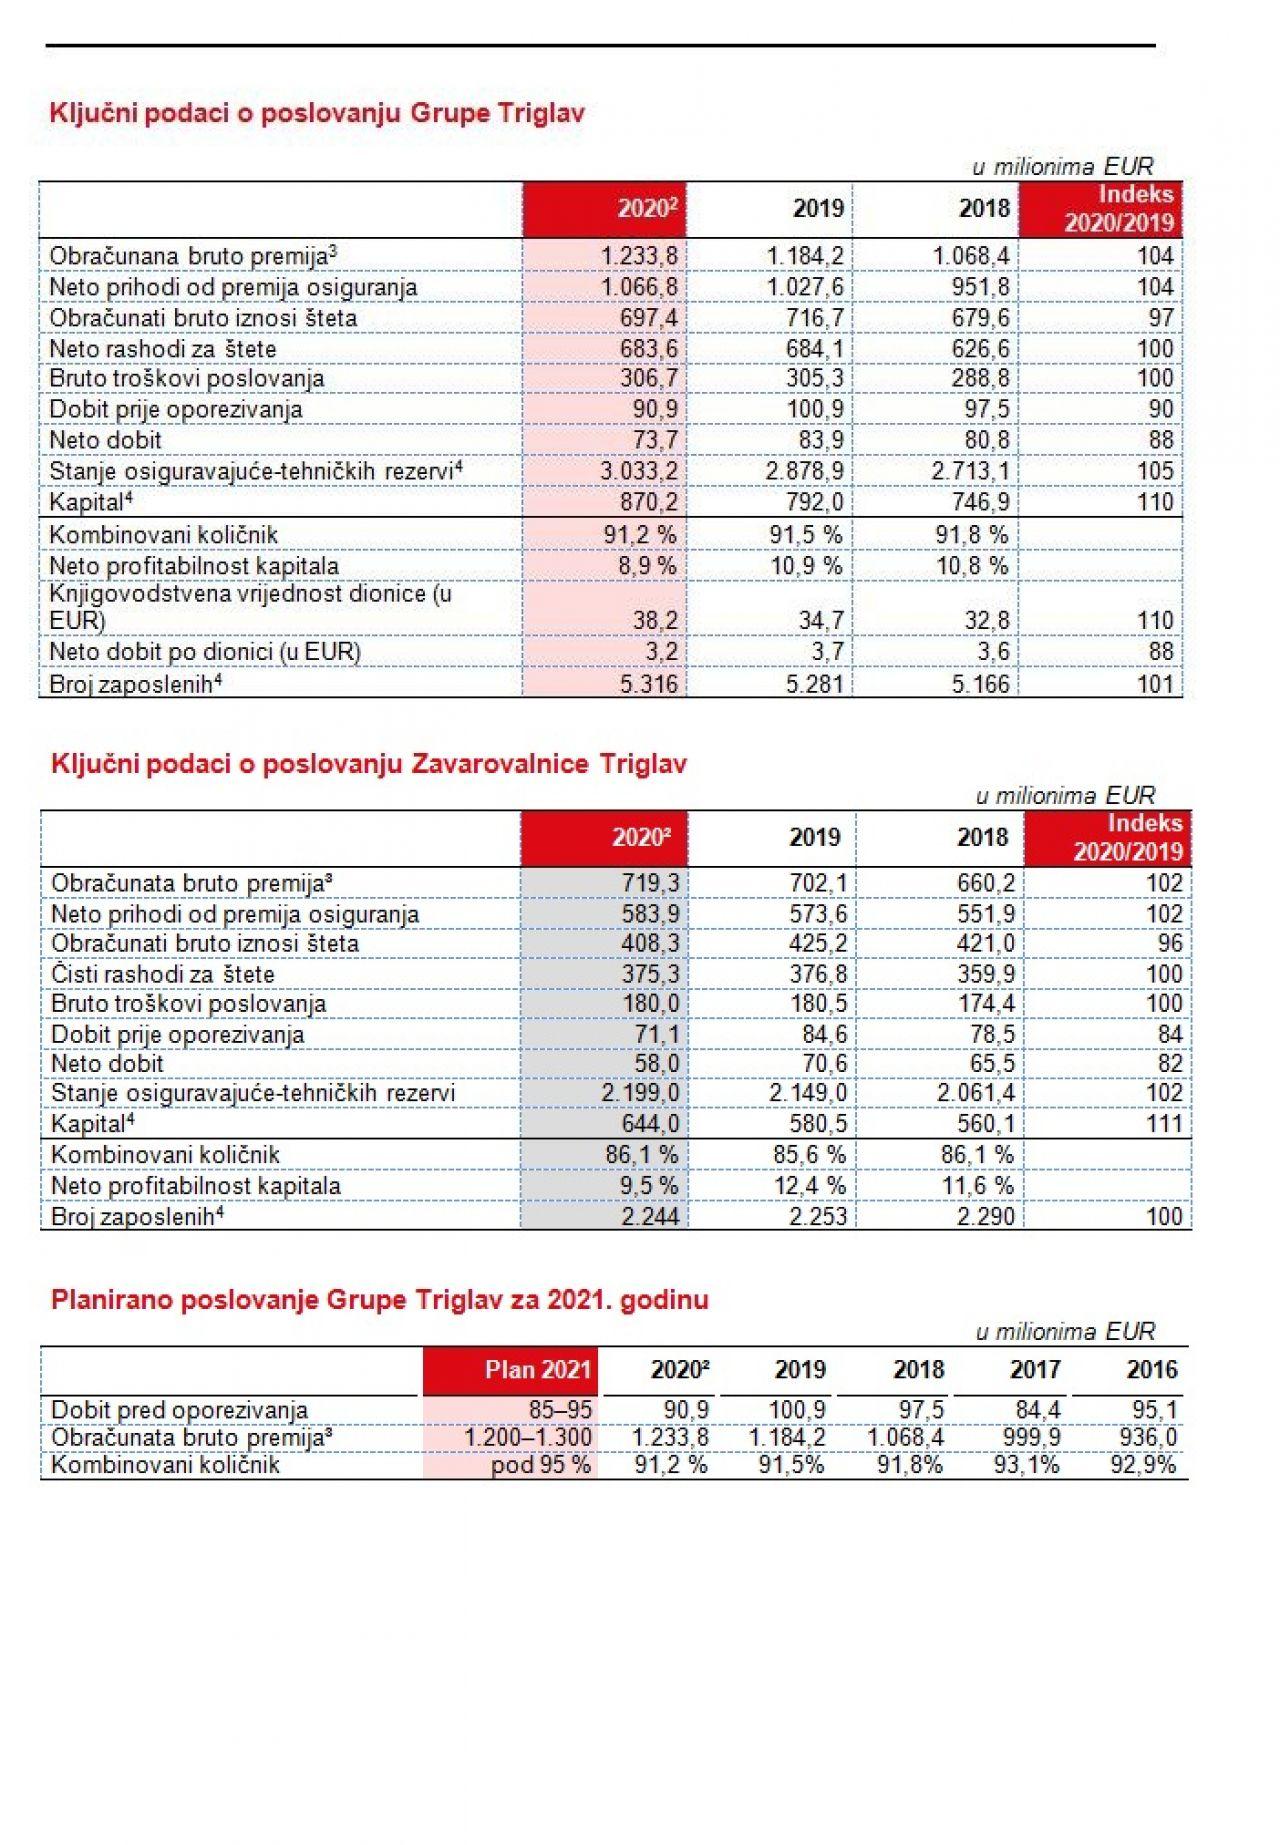 triglav-tabela-poslovanje.jpg